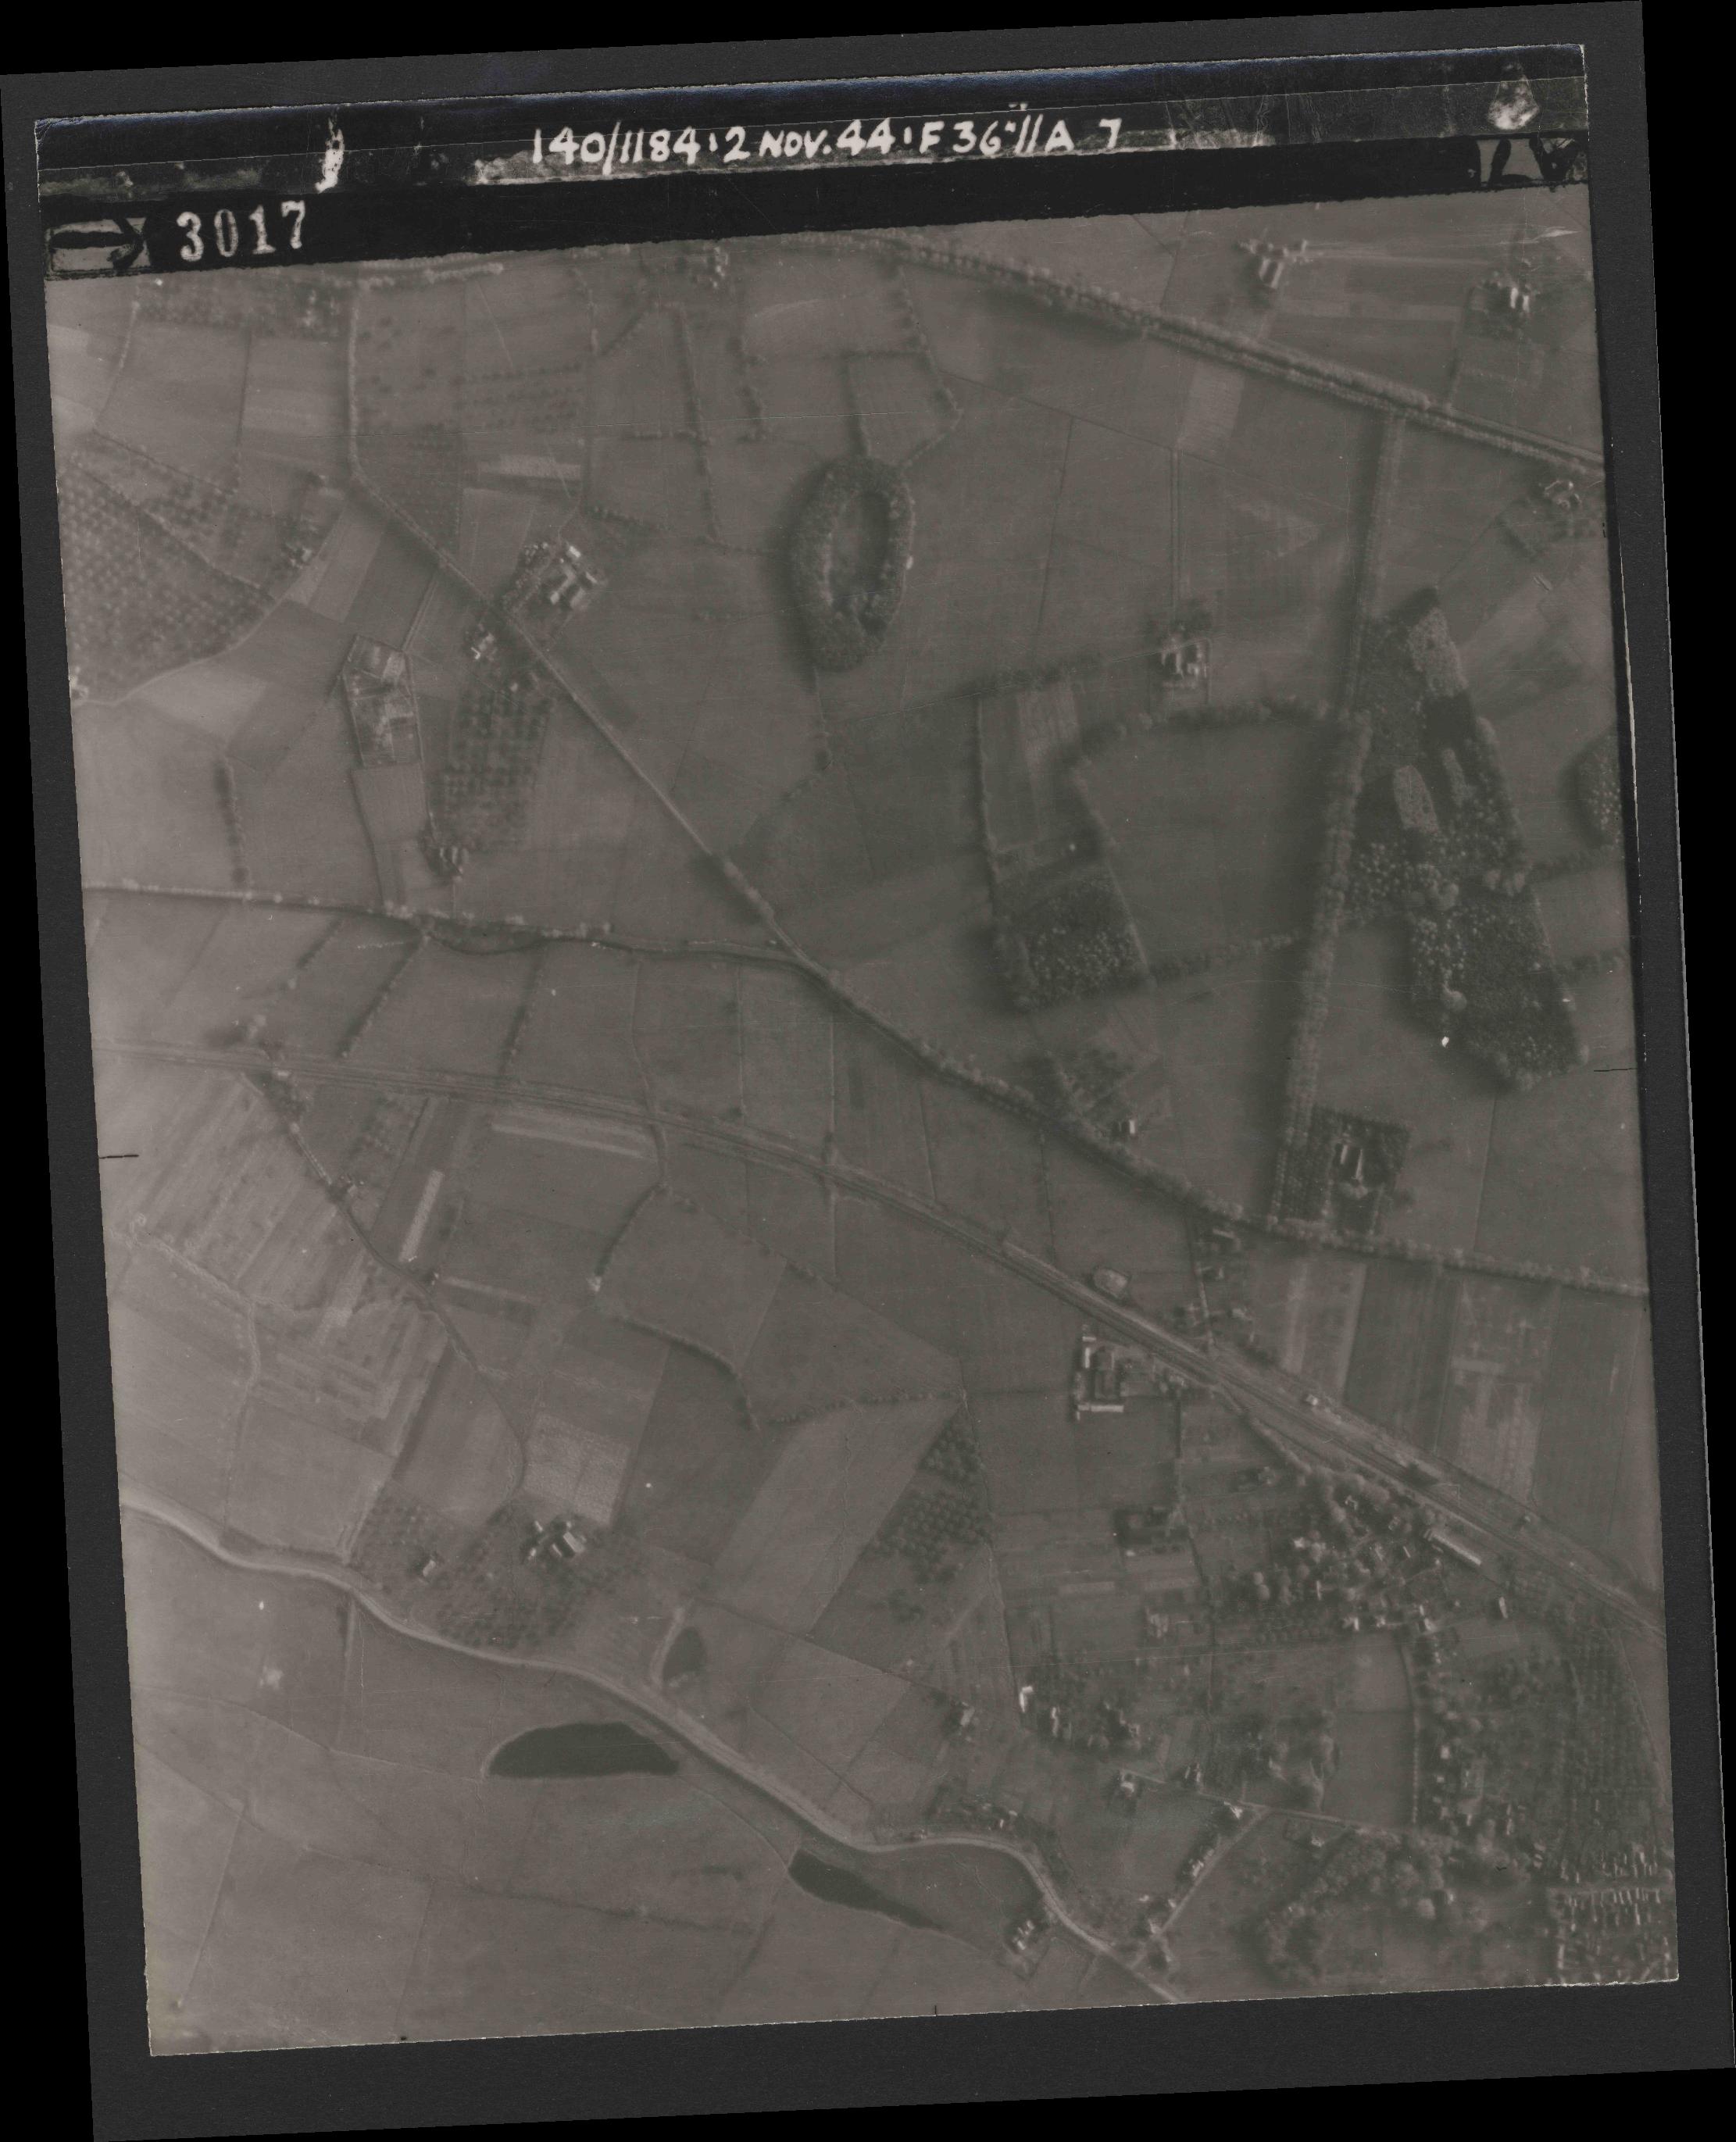 Collection RAF aerial photos 1940-1945 - flight 228, run 11, photo 3017